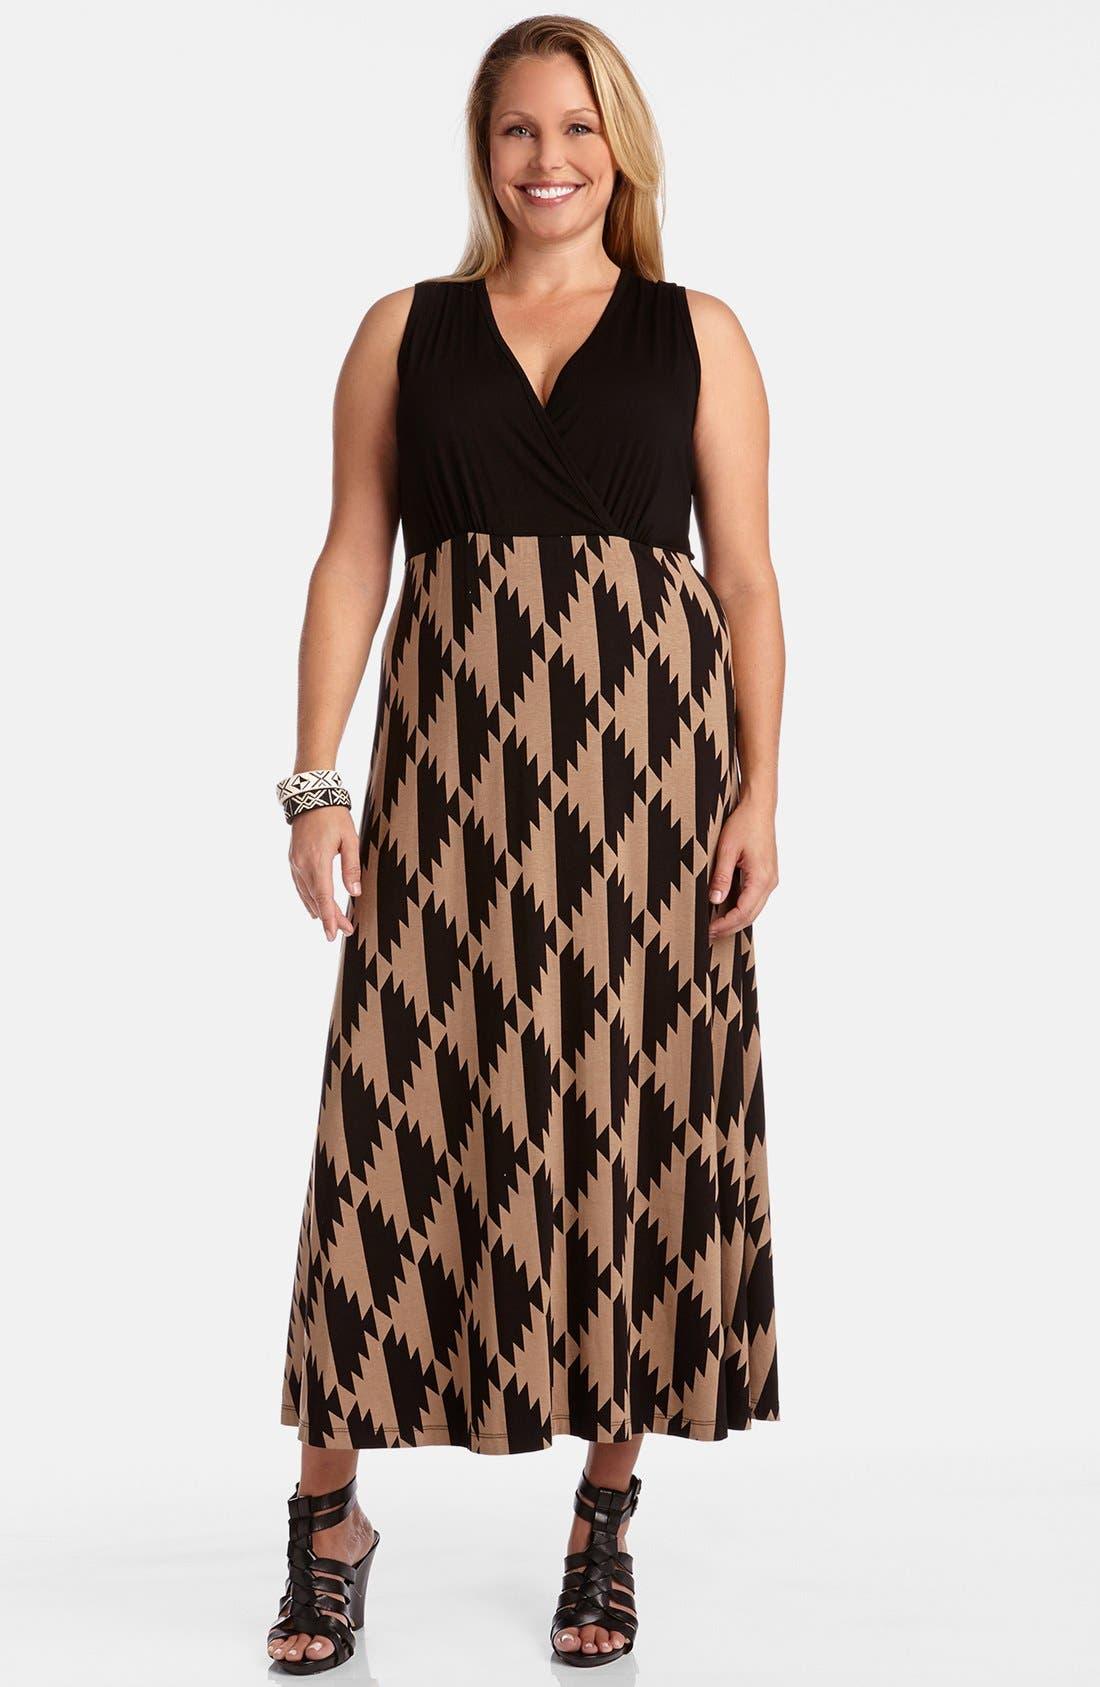 Alternate Image 1 Selected - Karen Kane 'Island Print' Sleeveless V-Neck Maxi Dress